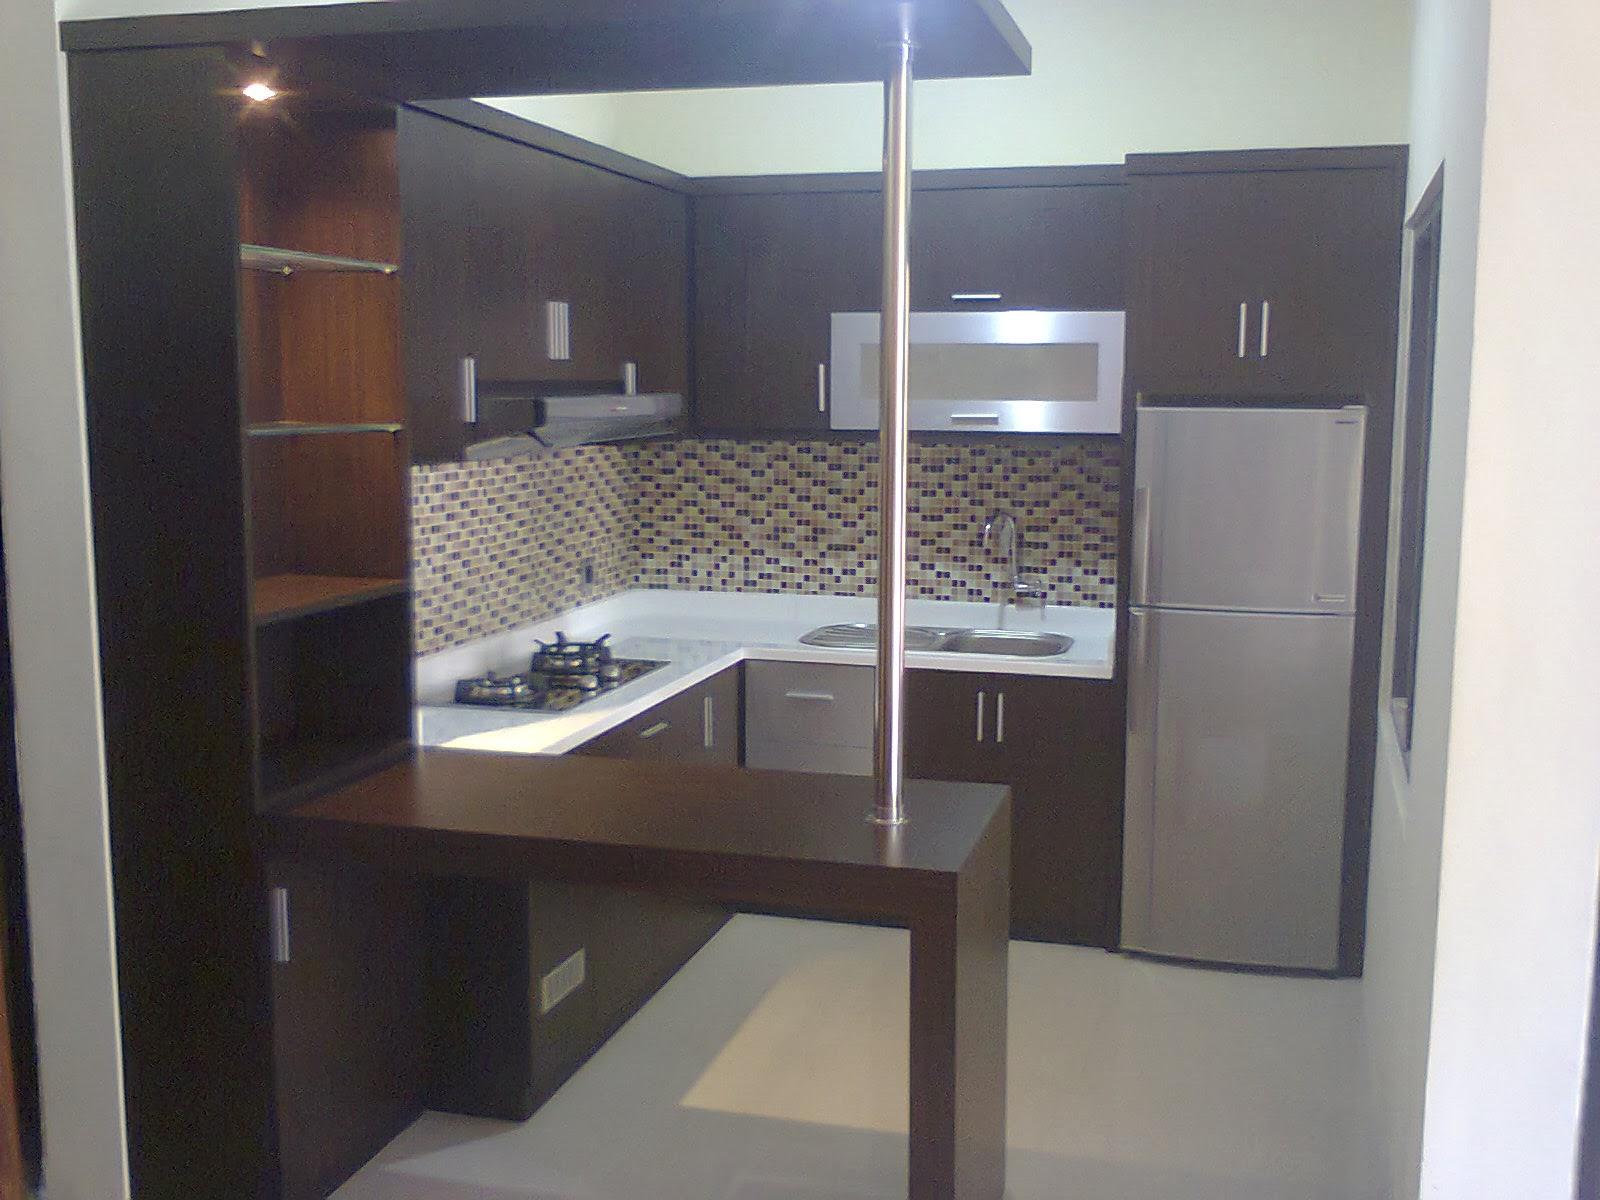 Desain Dapur Minimalis Yang Murah